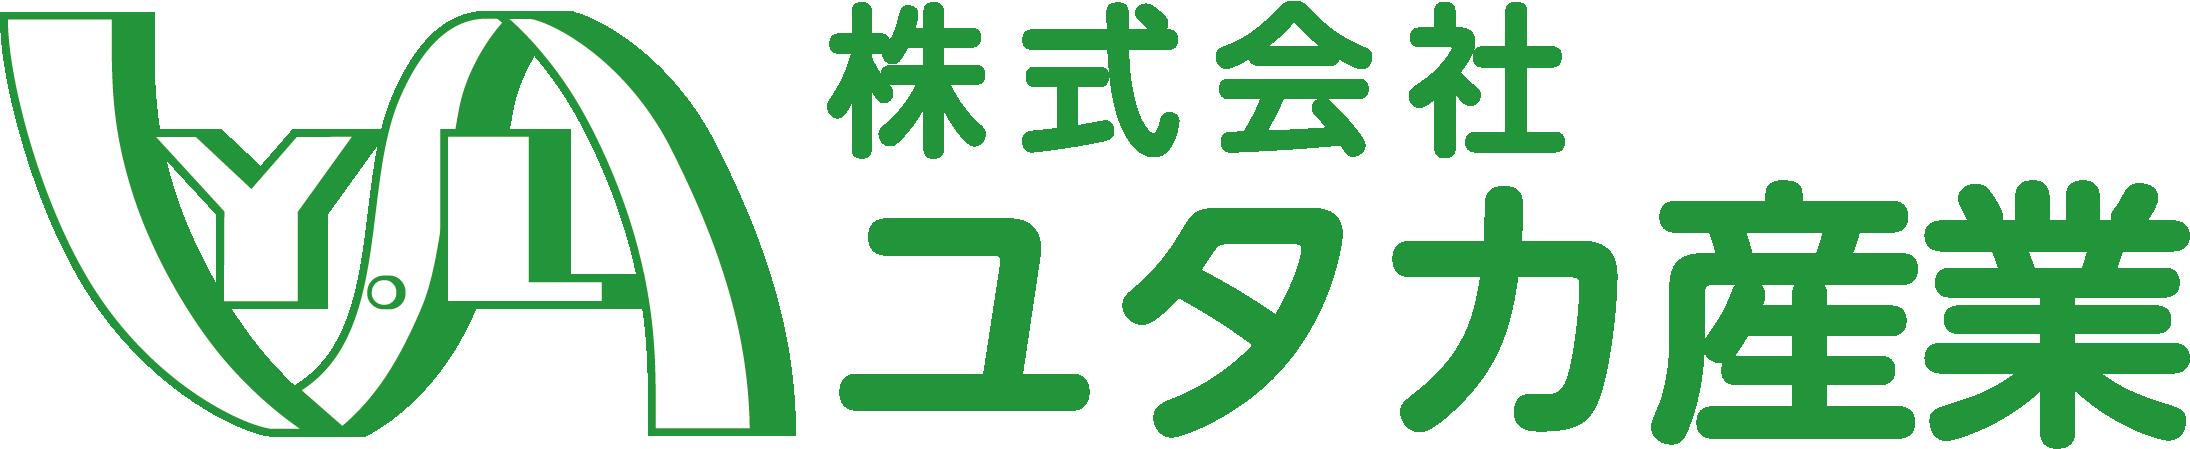 株式会社ユタカ産業